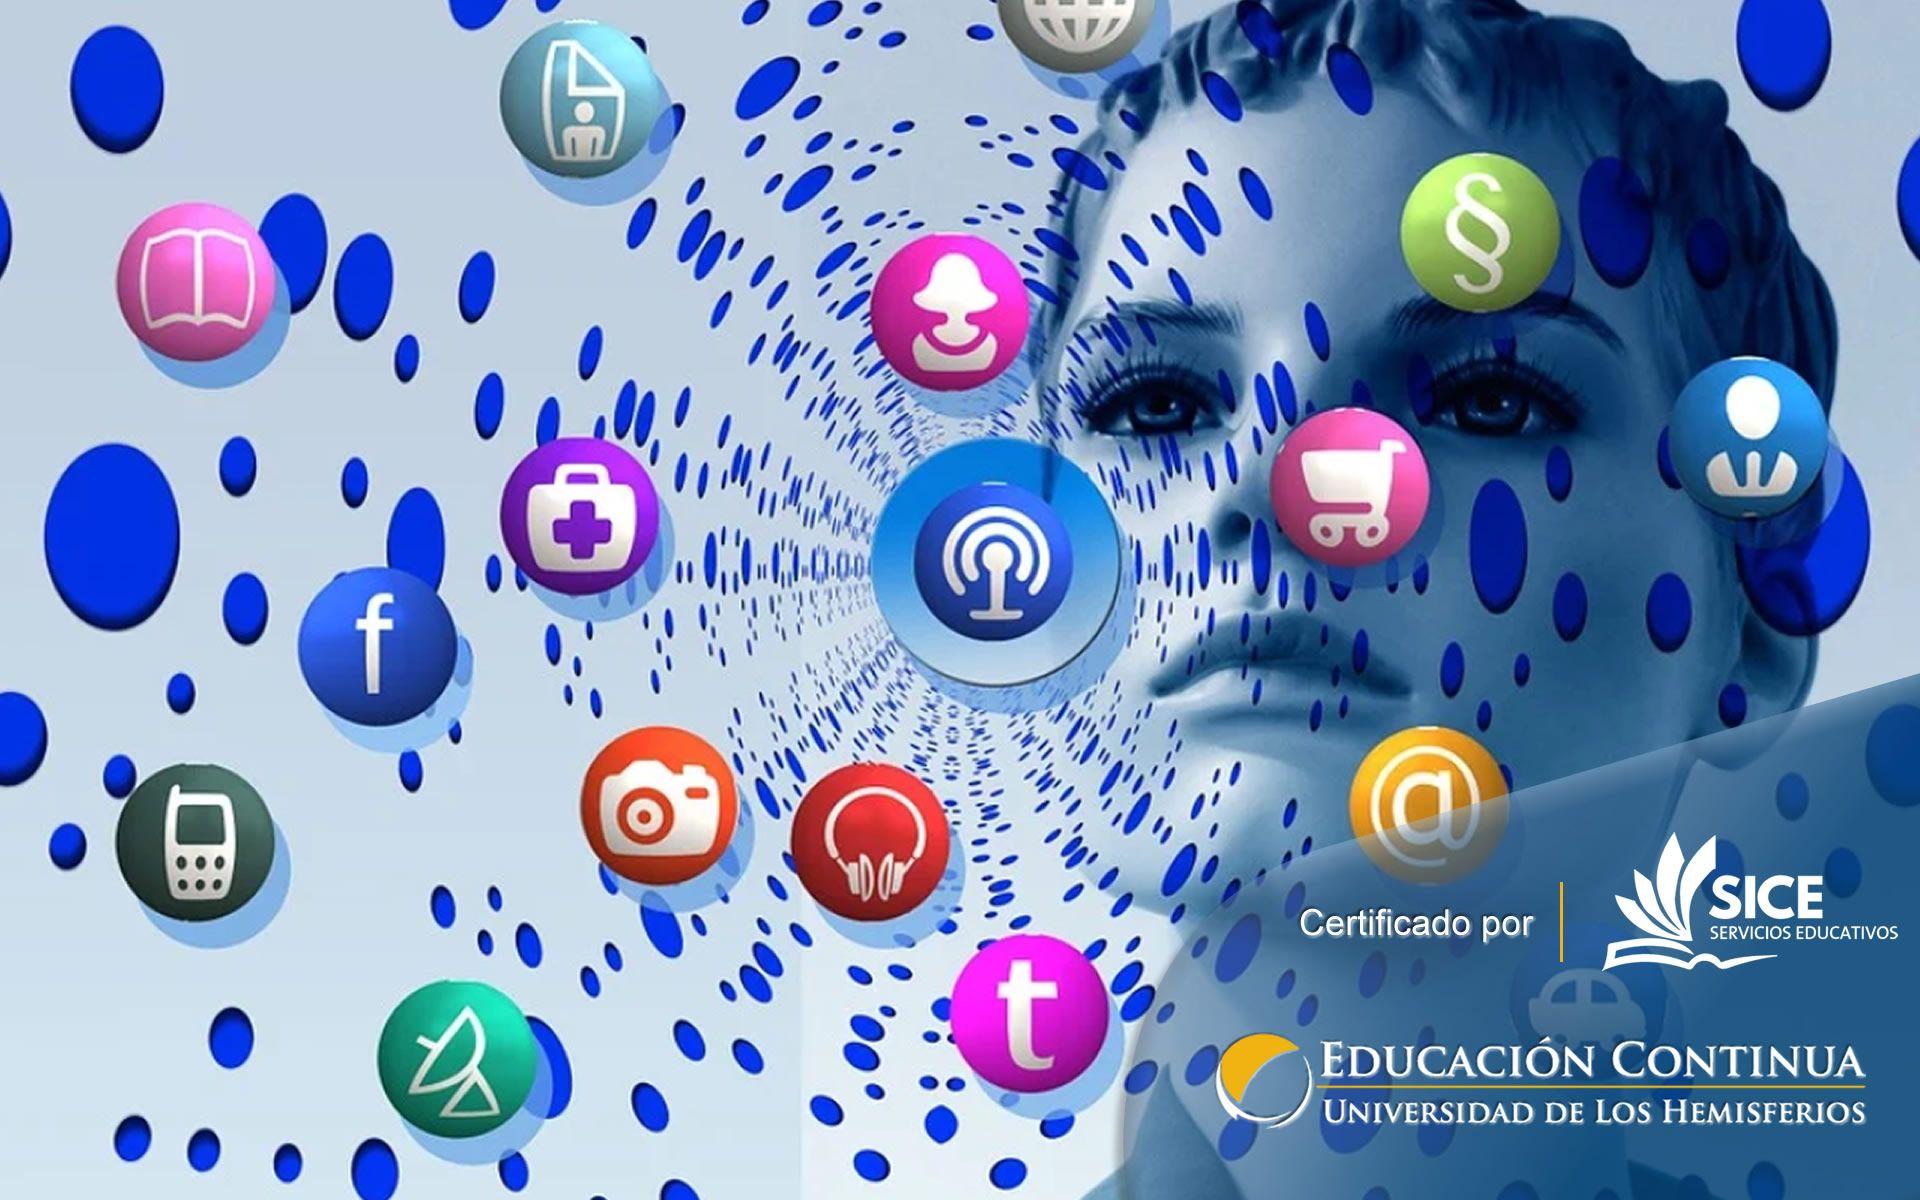 Certificación Online Docencia Virtual IV: Redes Sociales Con Intencionalidad Pedagógica Y Creación De Contenidos Digitales